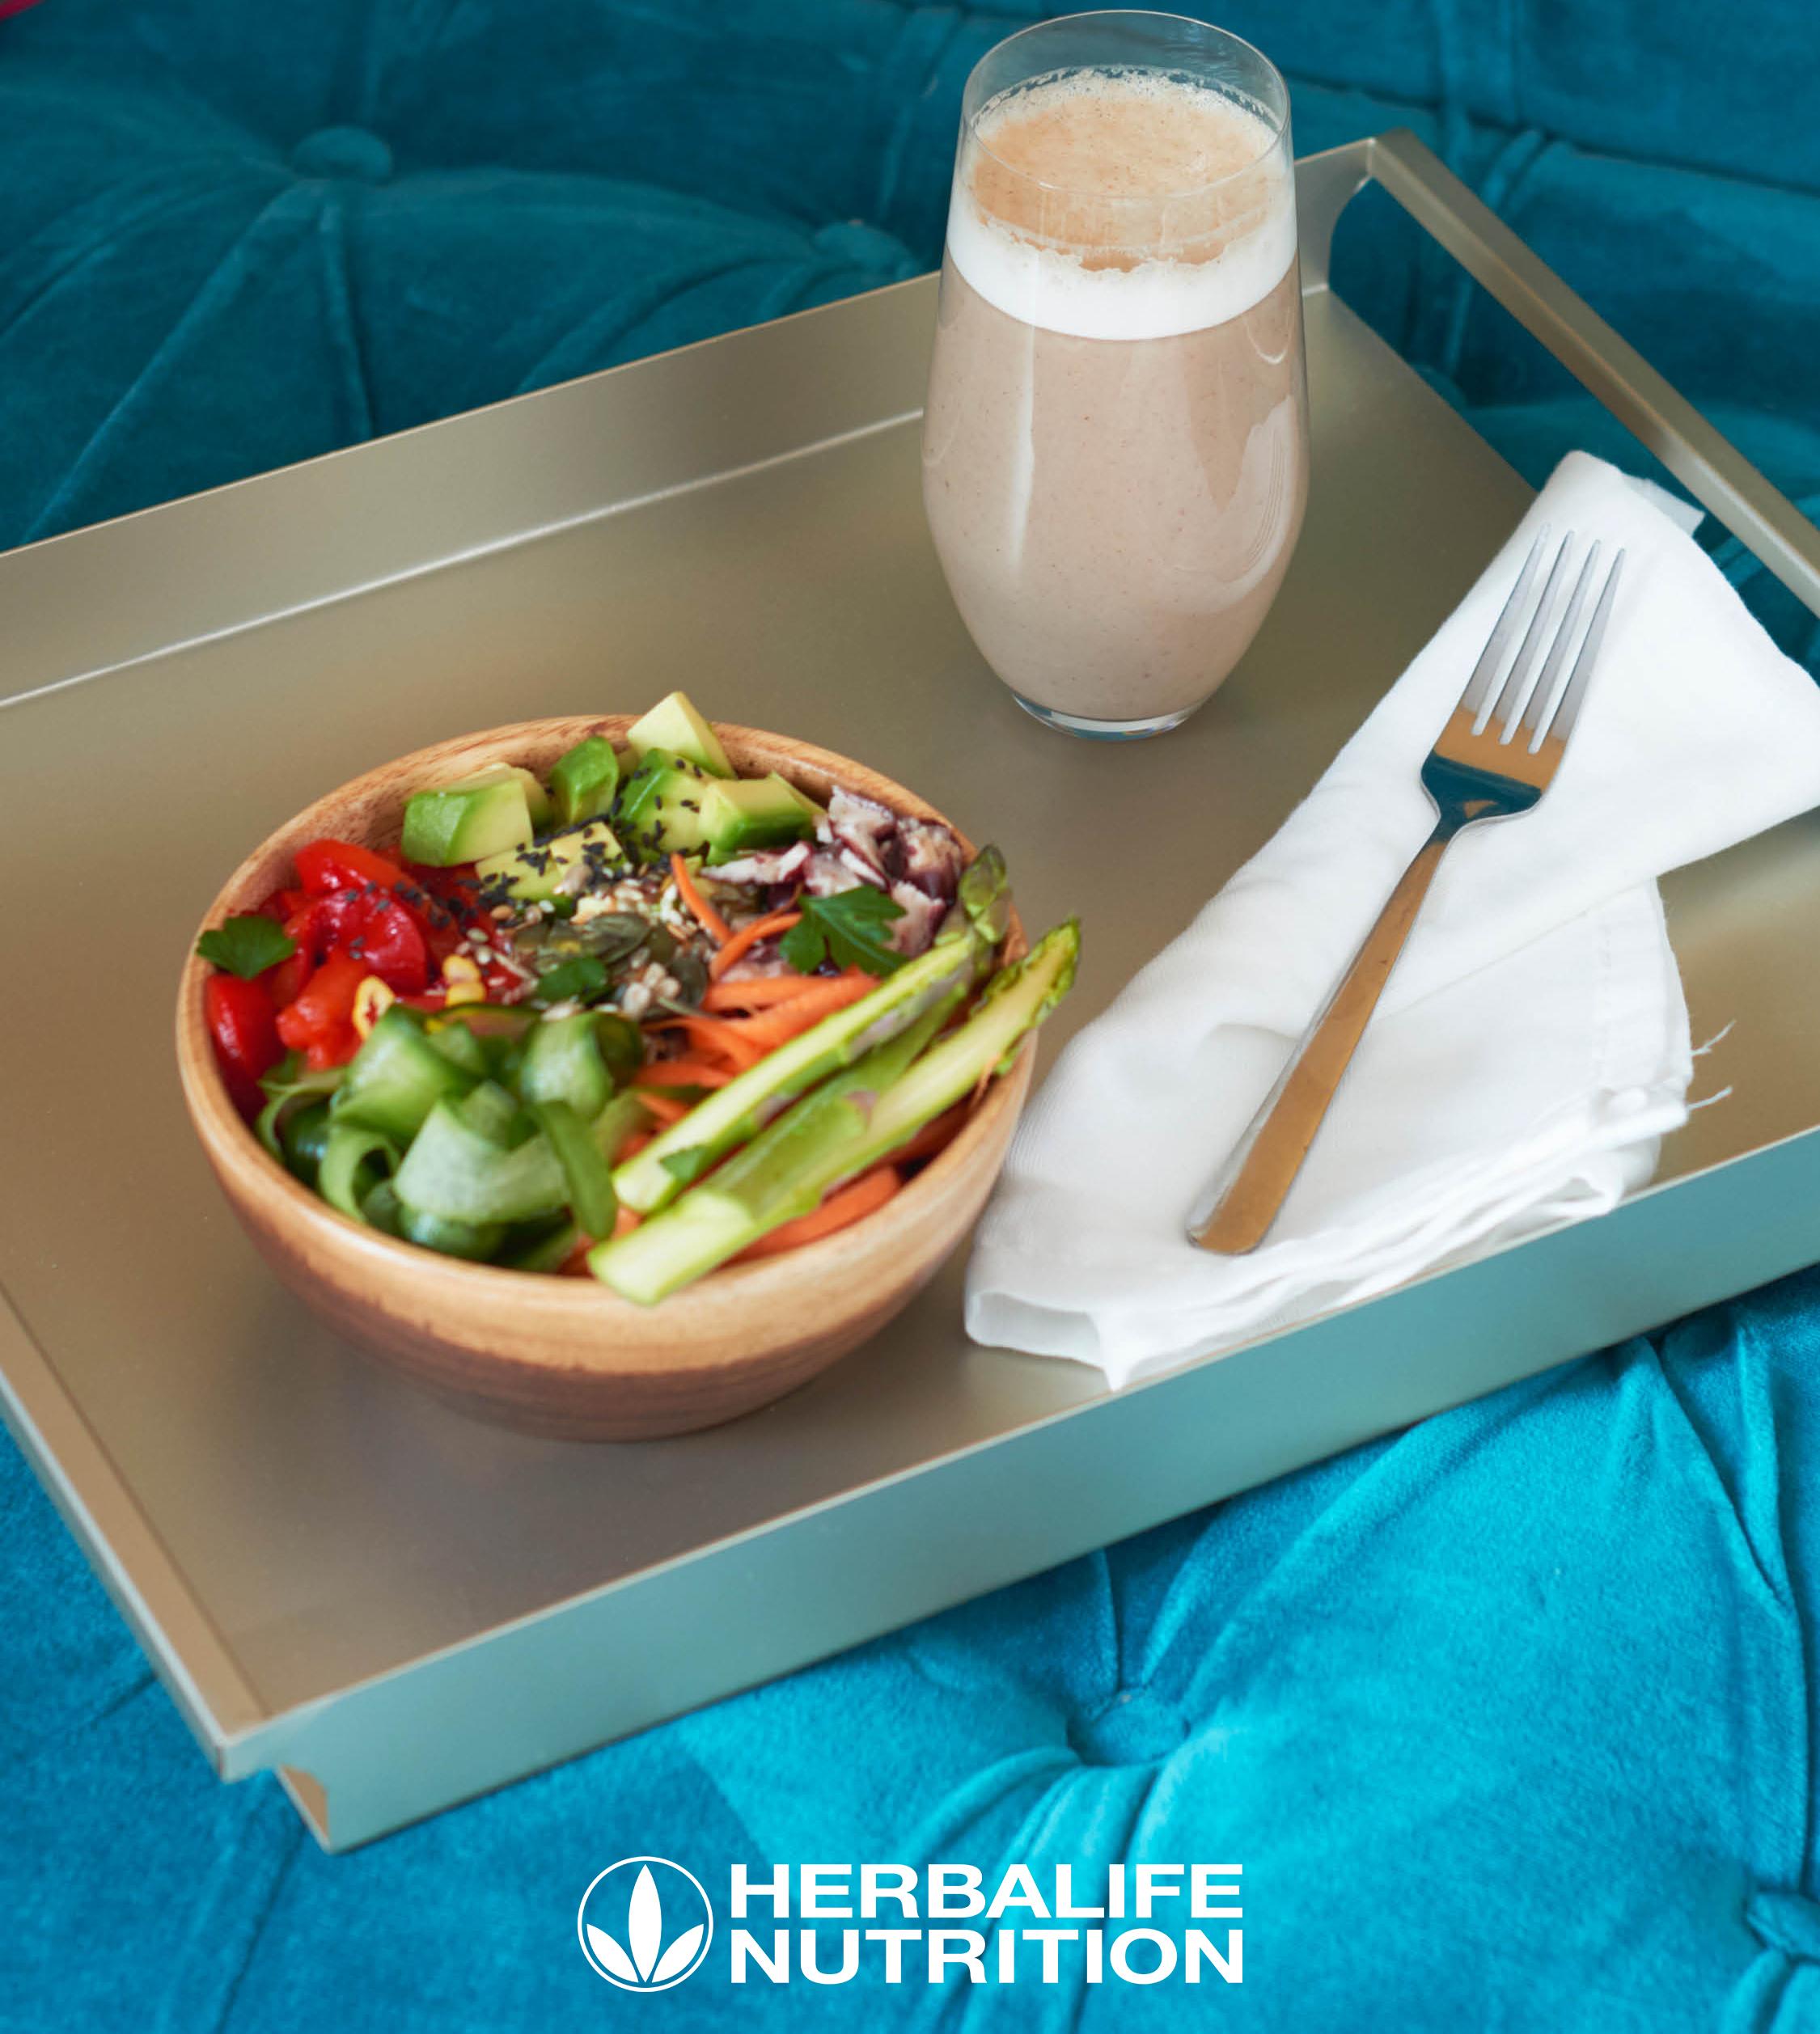 Nutrienți pentru a vă menține sănătatea în timp ce #StațiAcasă